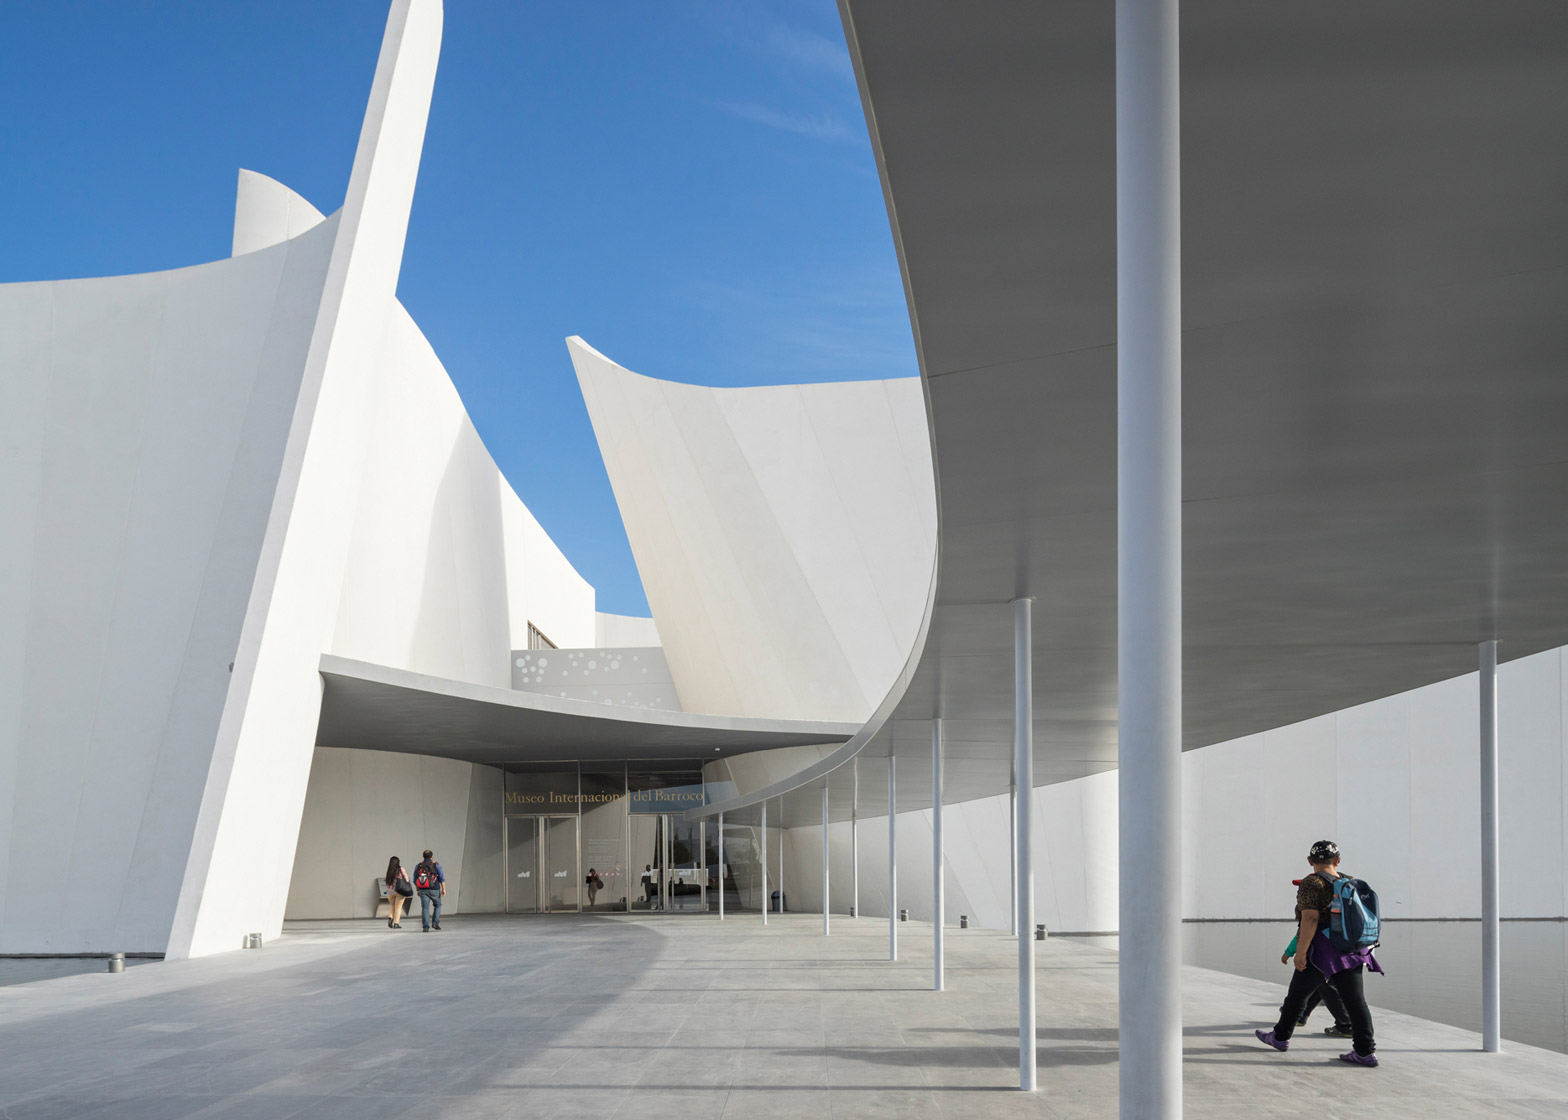 El Museo Internacional del Barroco alberga la colección de arte barroco más grande de latinoamérica